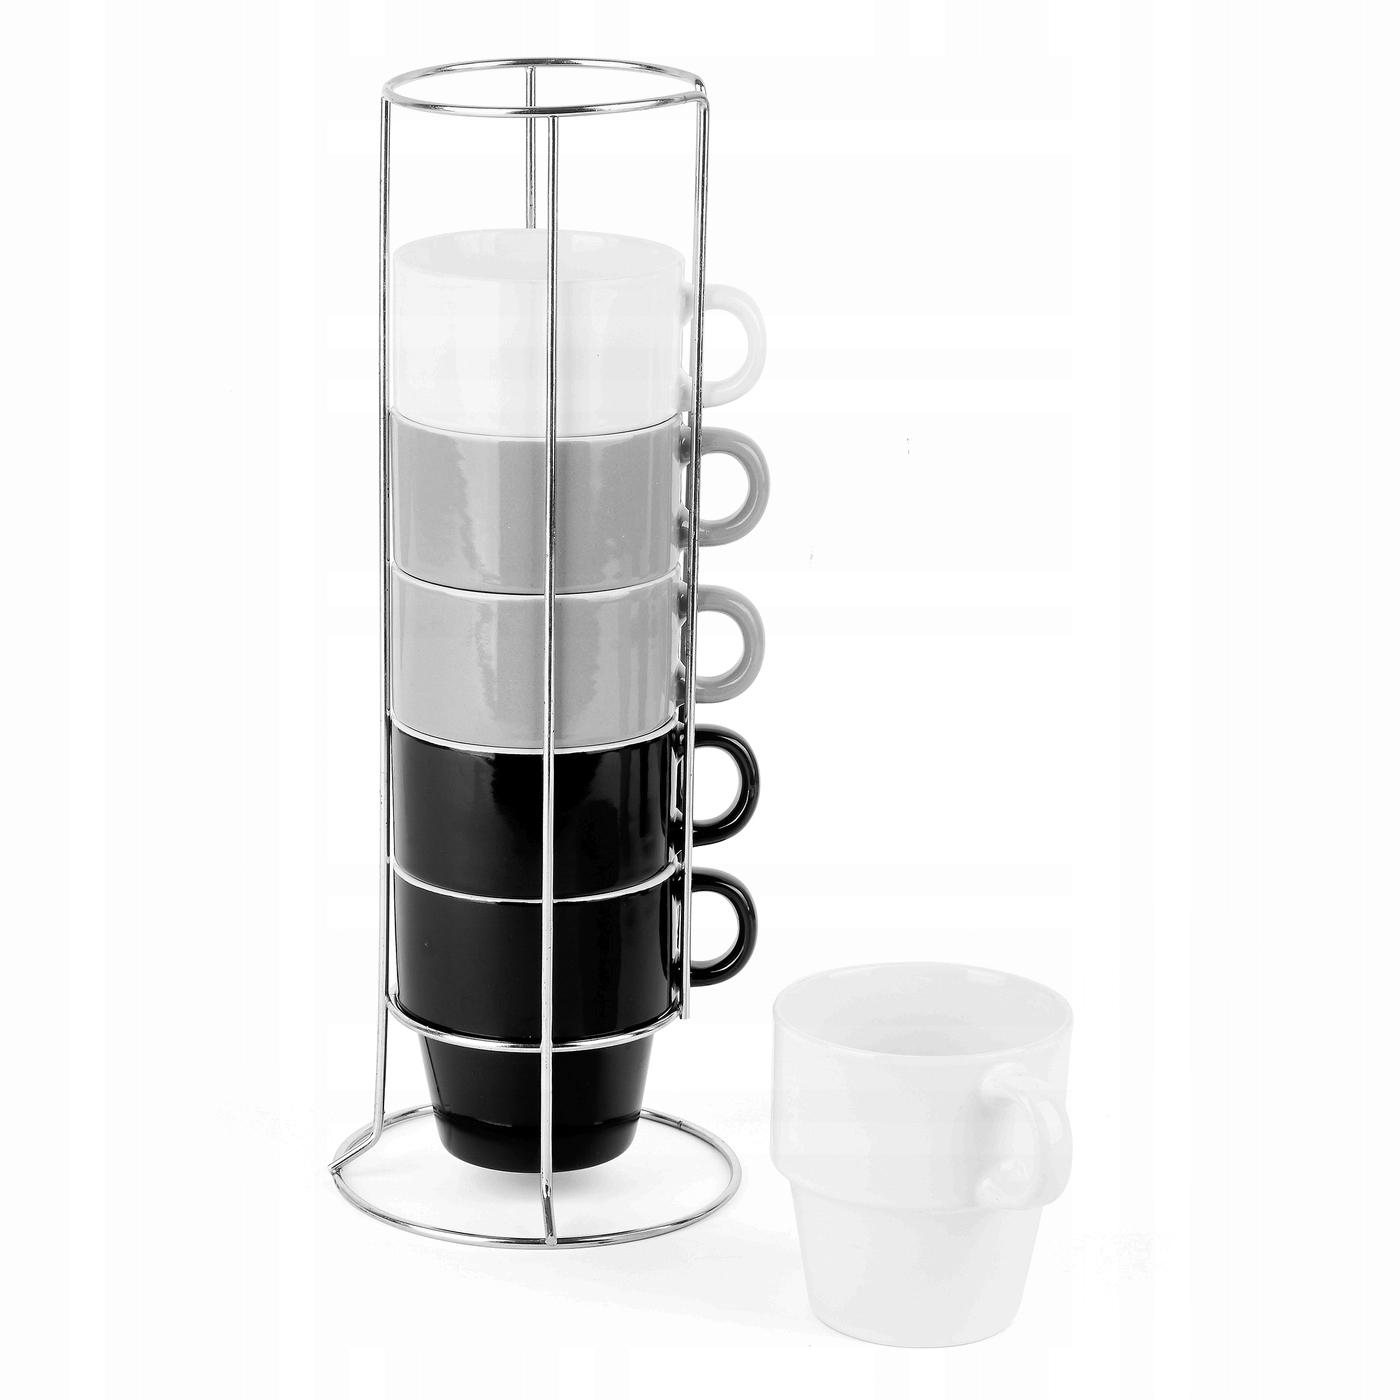 Набор чашек на подставке Тадар 250 мл 6 штук